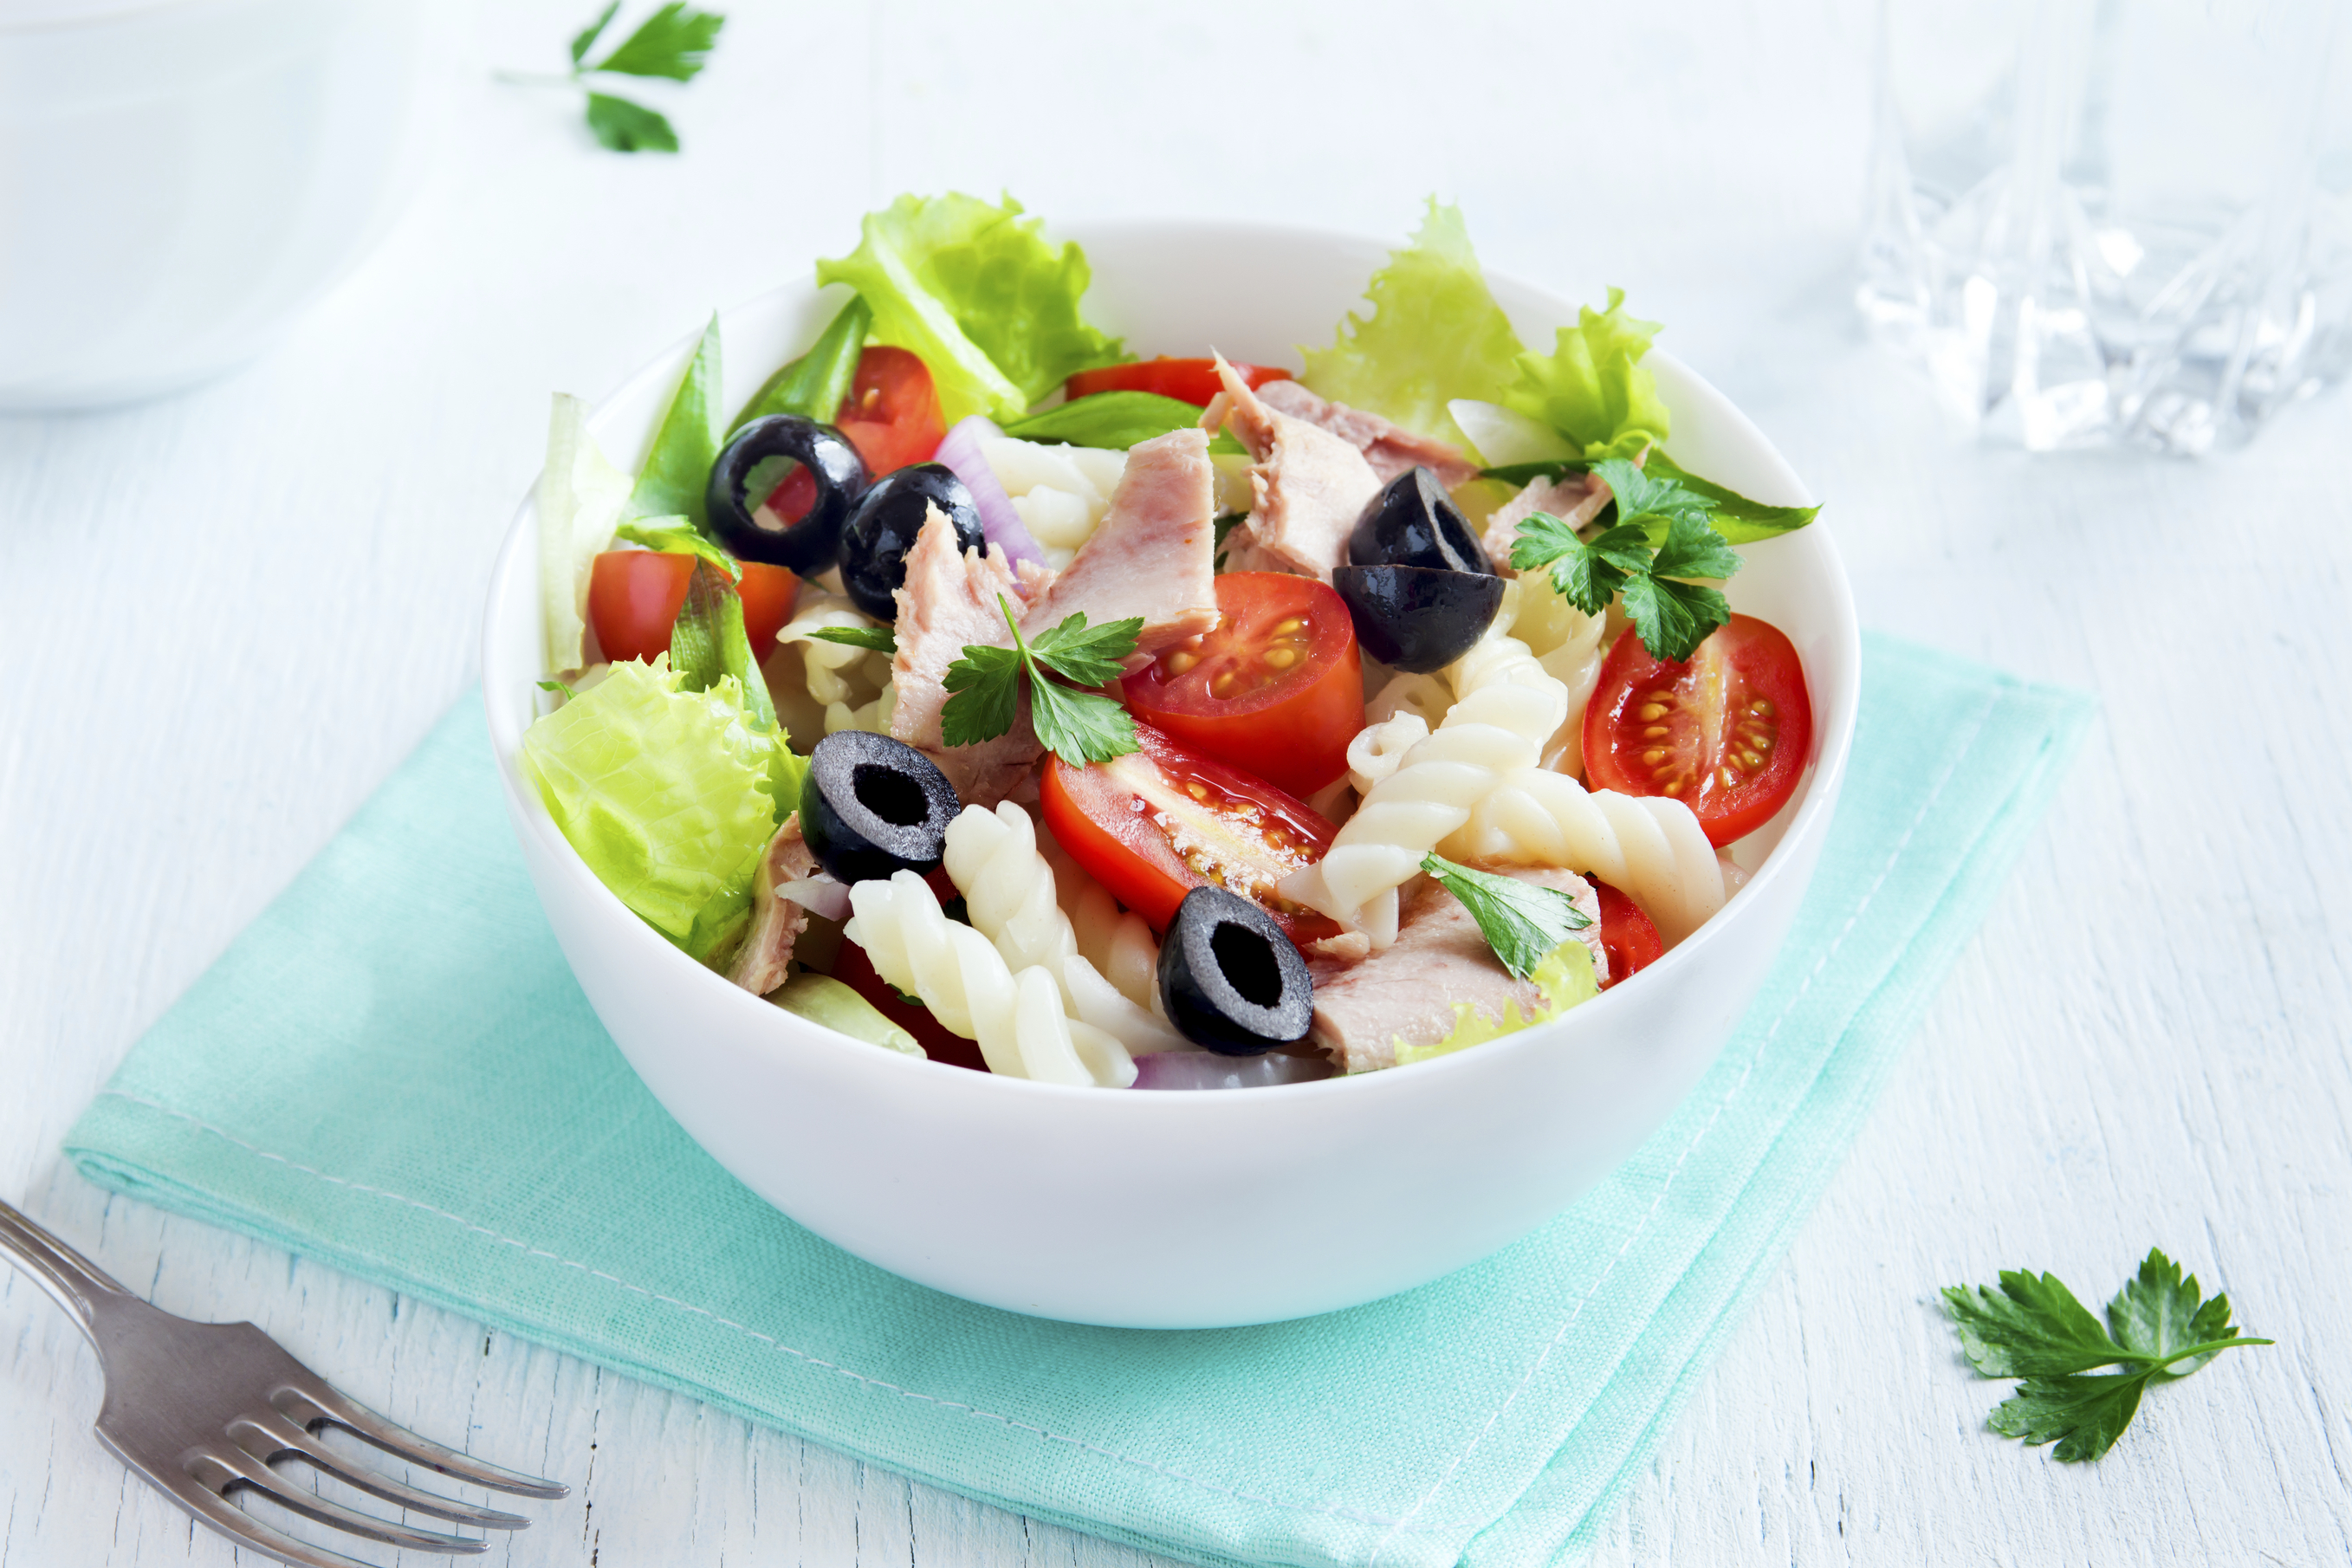 mediterrane küche: gesund schlemmen